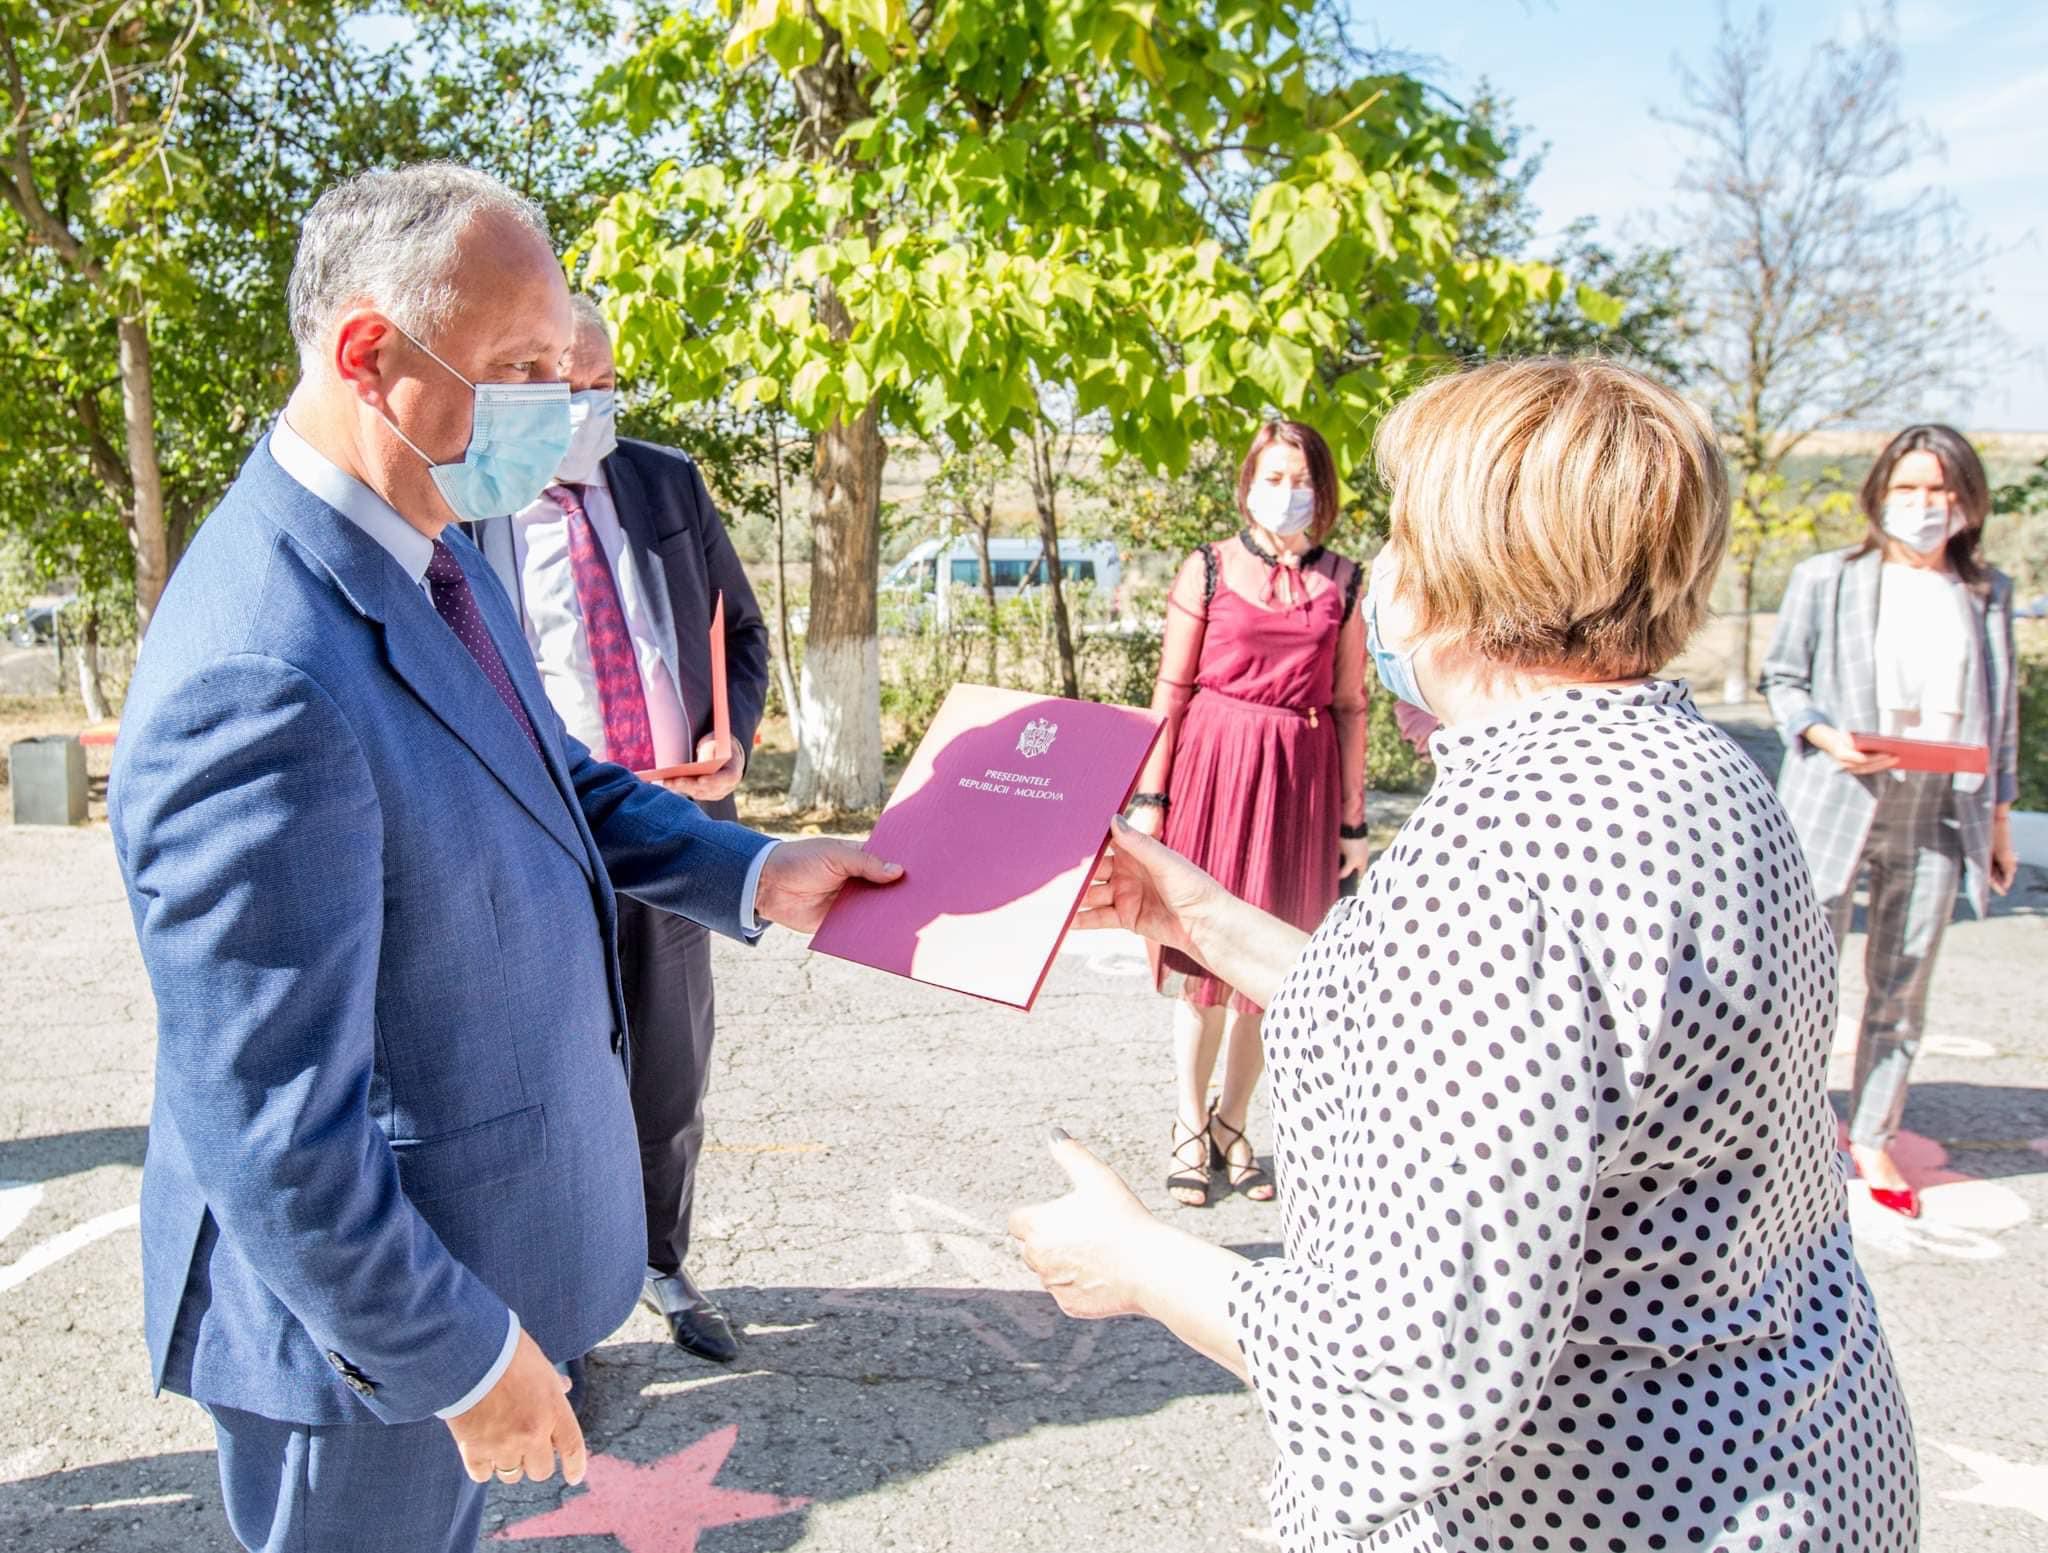 Глава государства вручил почетные грамоты преподавателям тараклийского лицея (ФОТО, ВИДЕО)